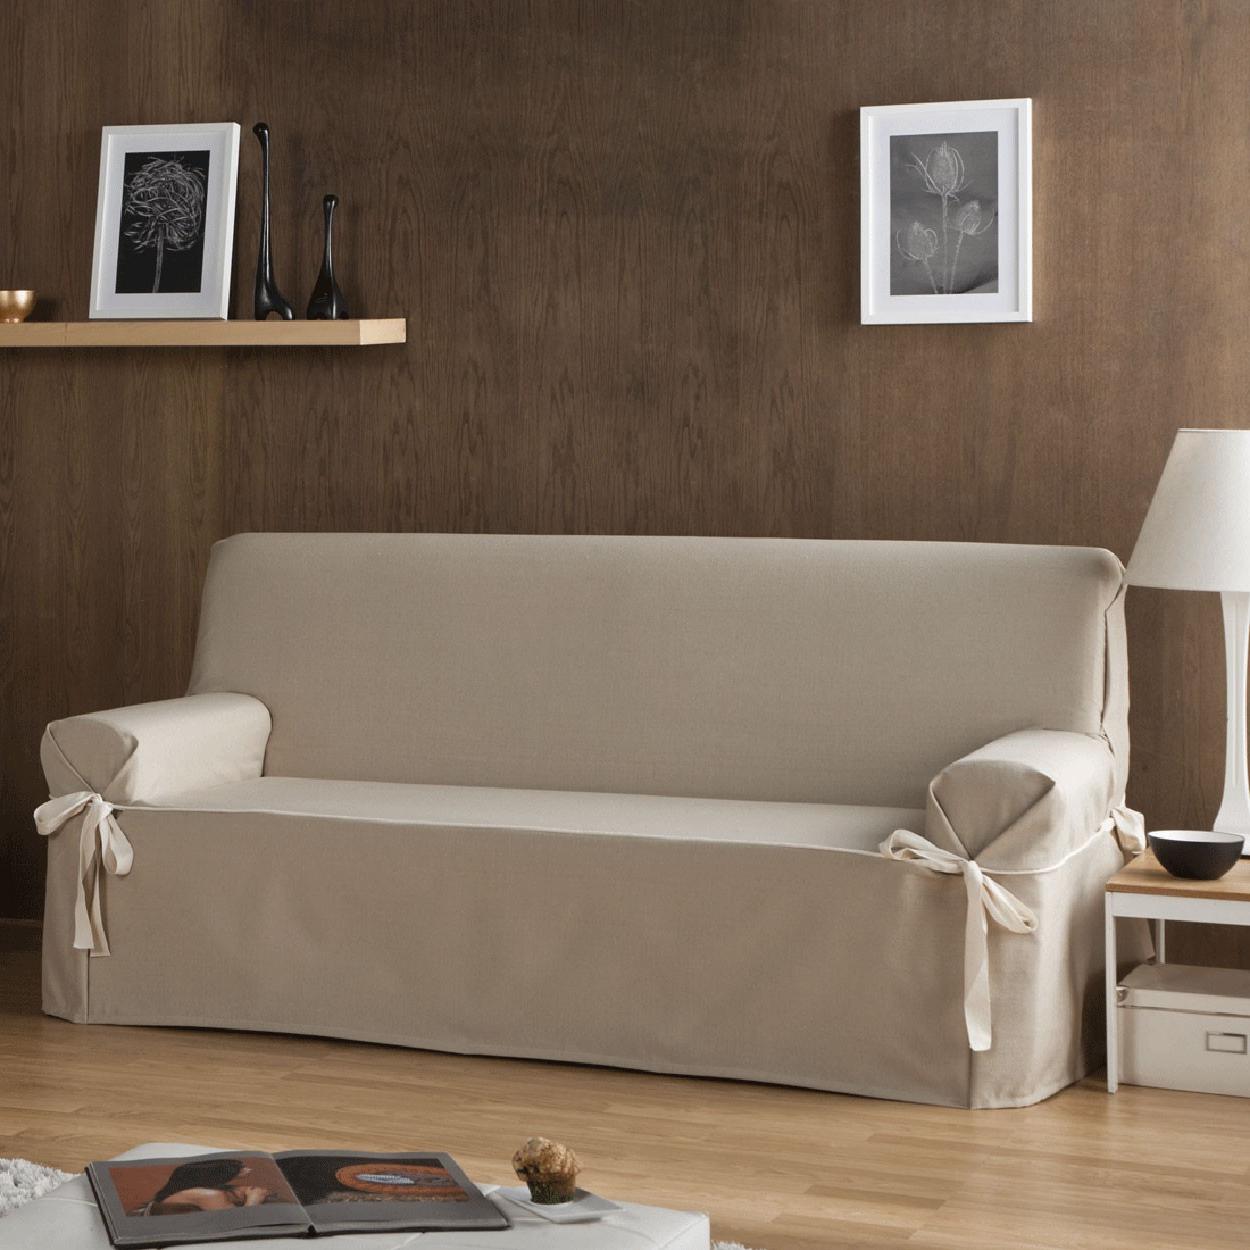 Fundas Para sofas Gdd0 Funda sofà Universal Beret Lazos